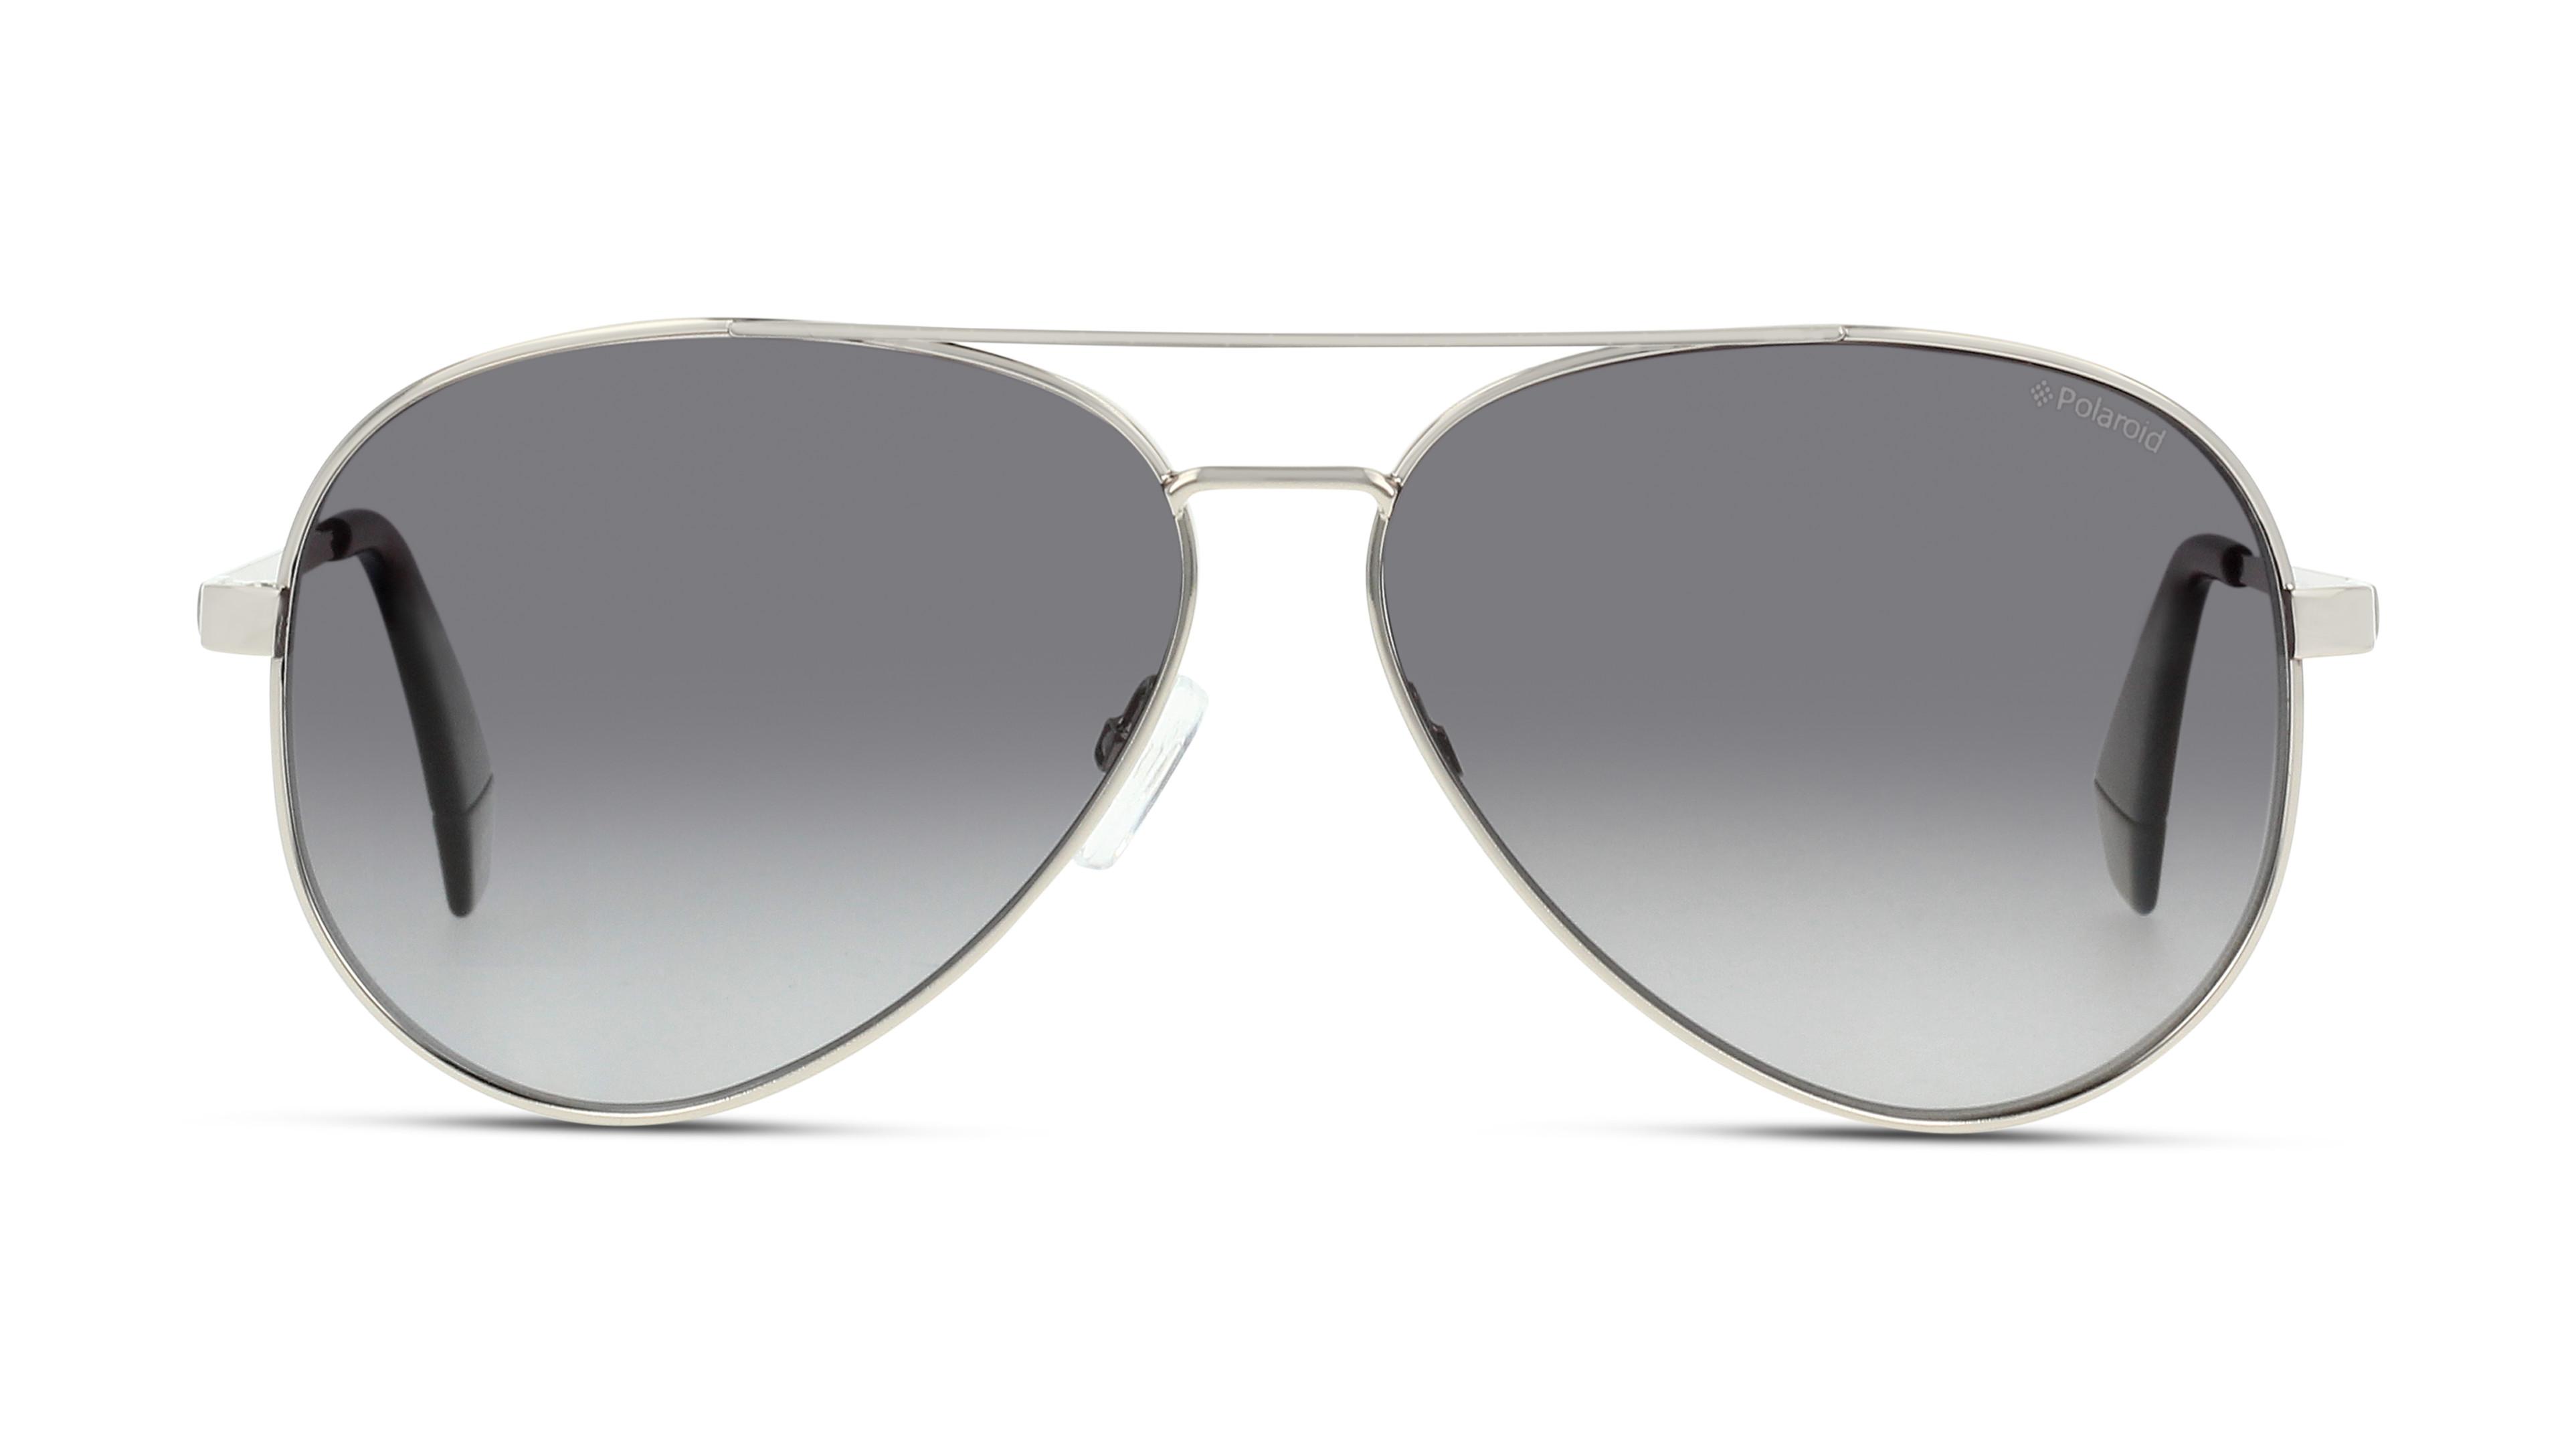 716736135922-front-01-polaroid-pld_6069_s_x-eyewear-ruthenium